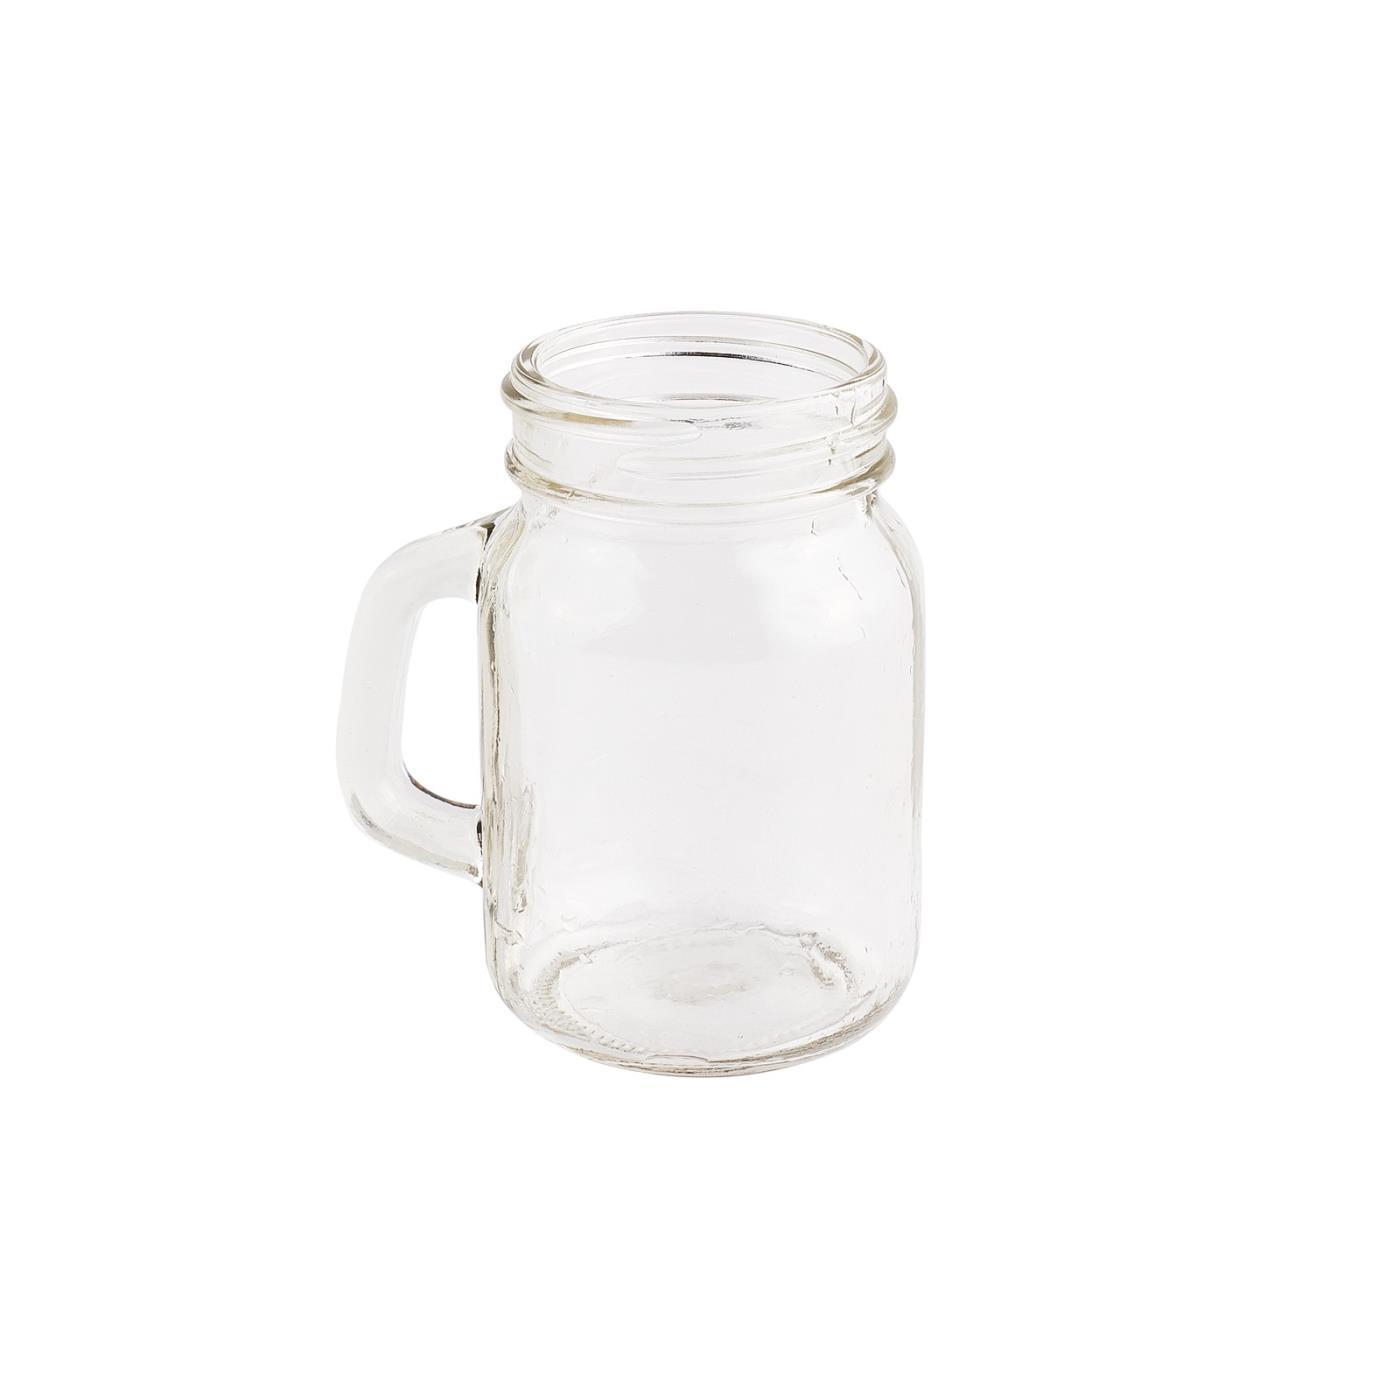 Mini Mason Jar with Handle